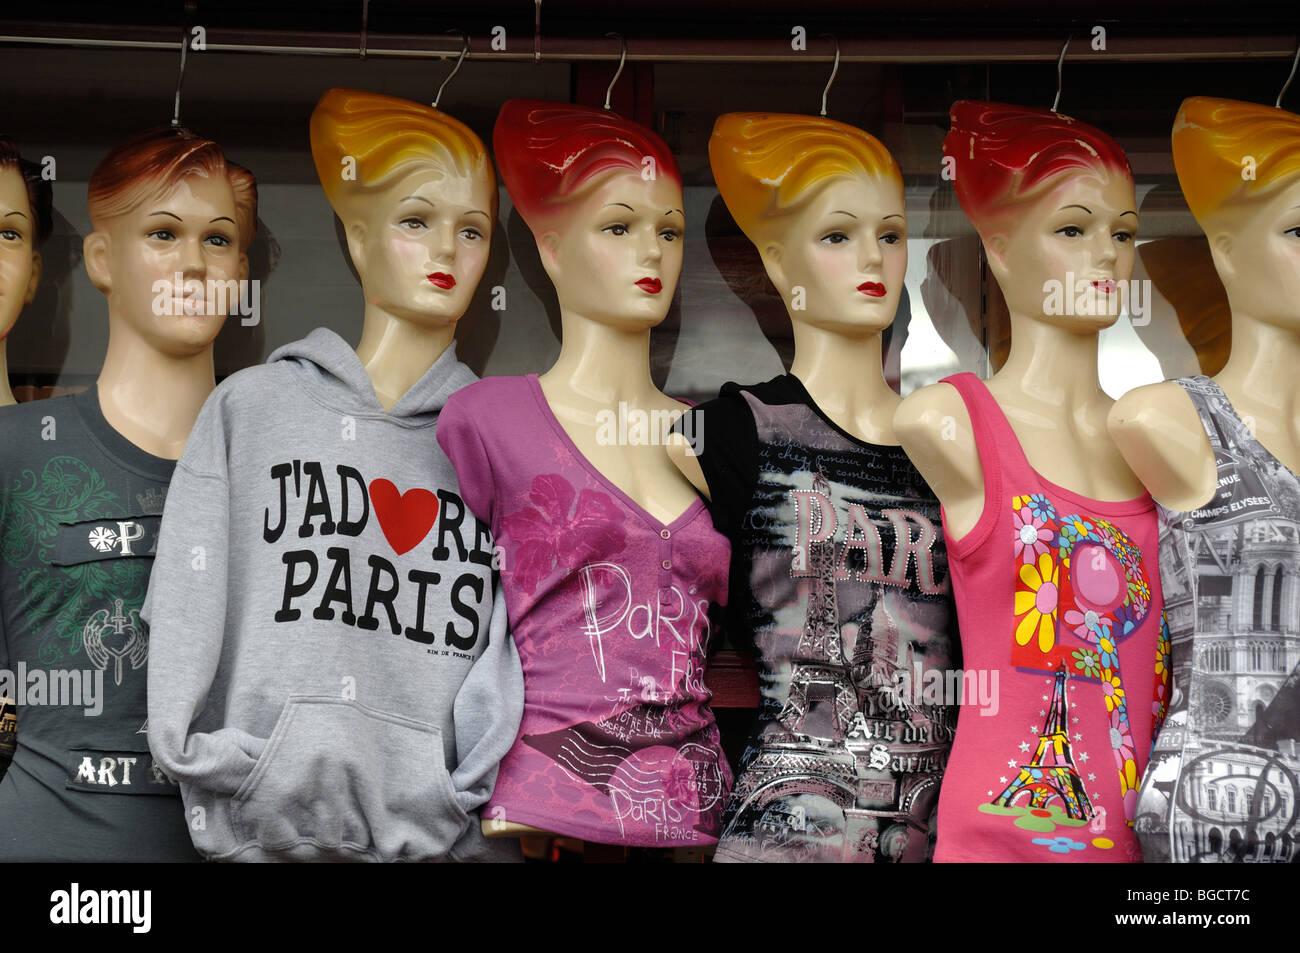 I Love Paris T-Shirts Fashion, Souvenir Tee Shirts on Mannequins in Tourist Shop, Paris, France - Stock Image